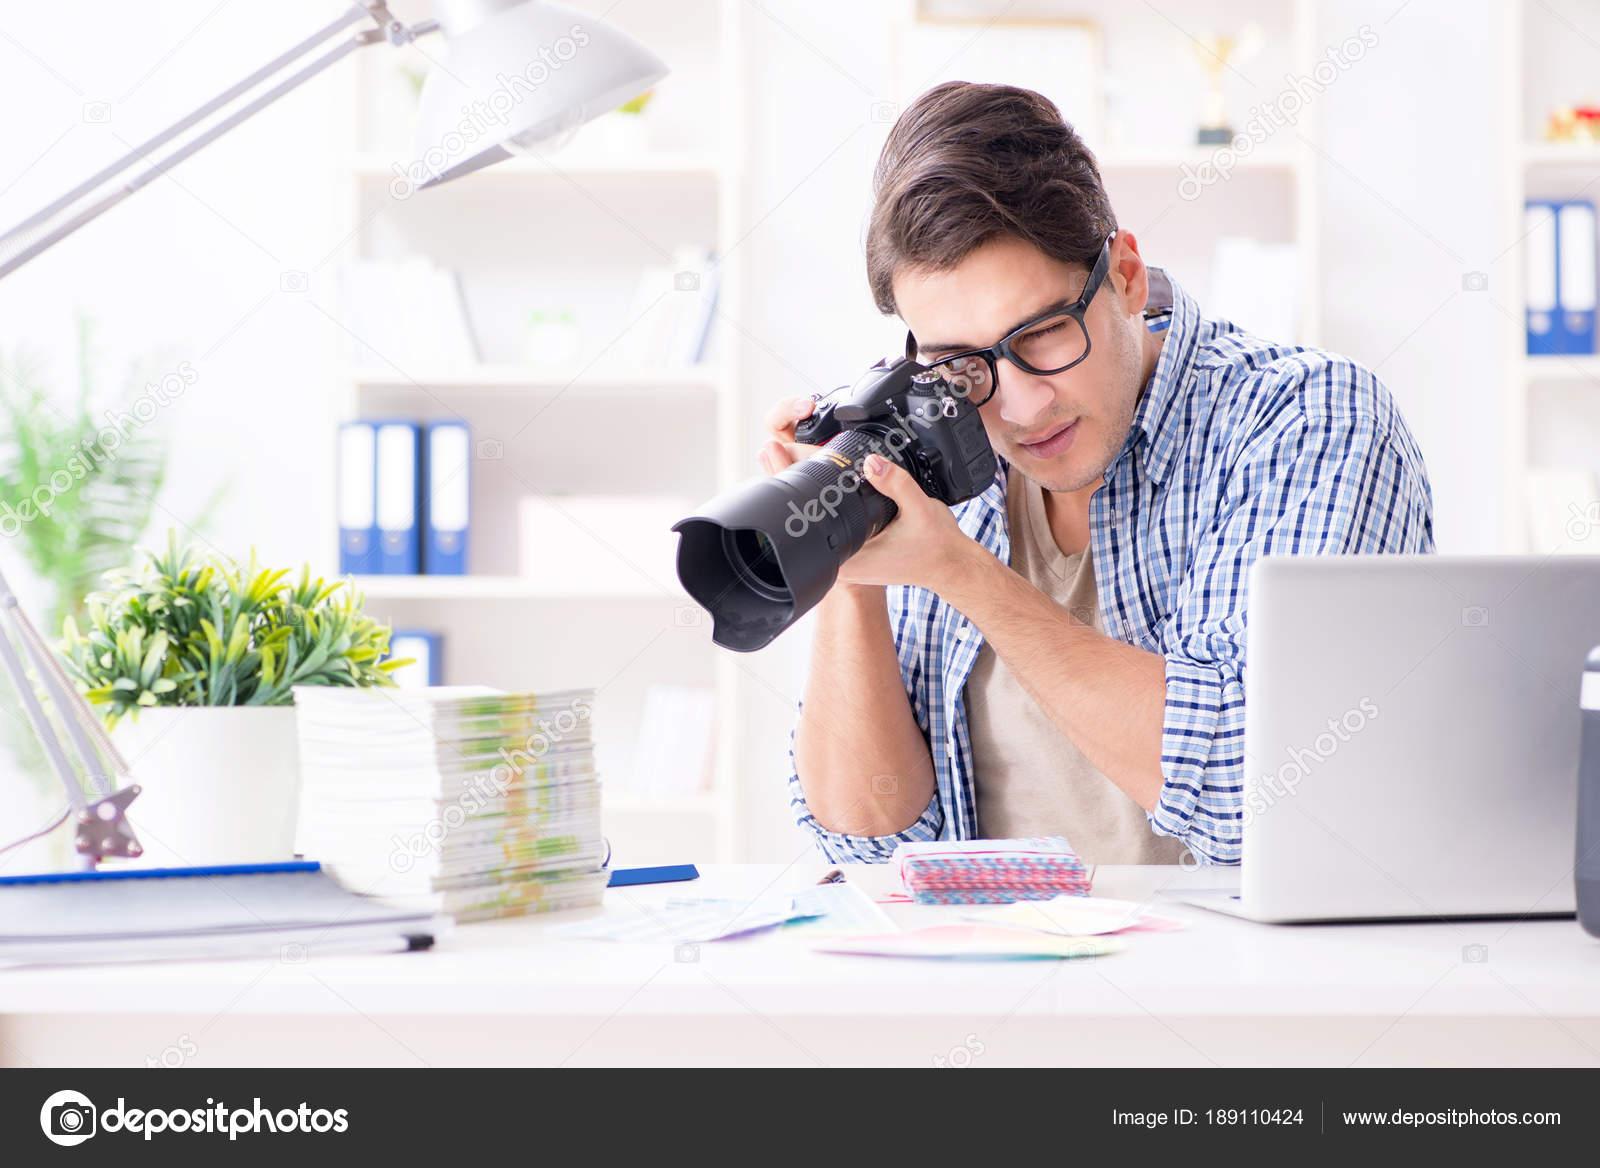 Как работать фотографом фрилансером freelancer nightstalkers universe